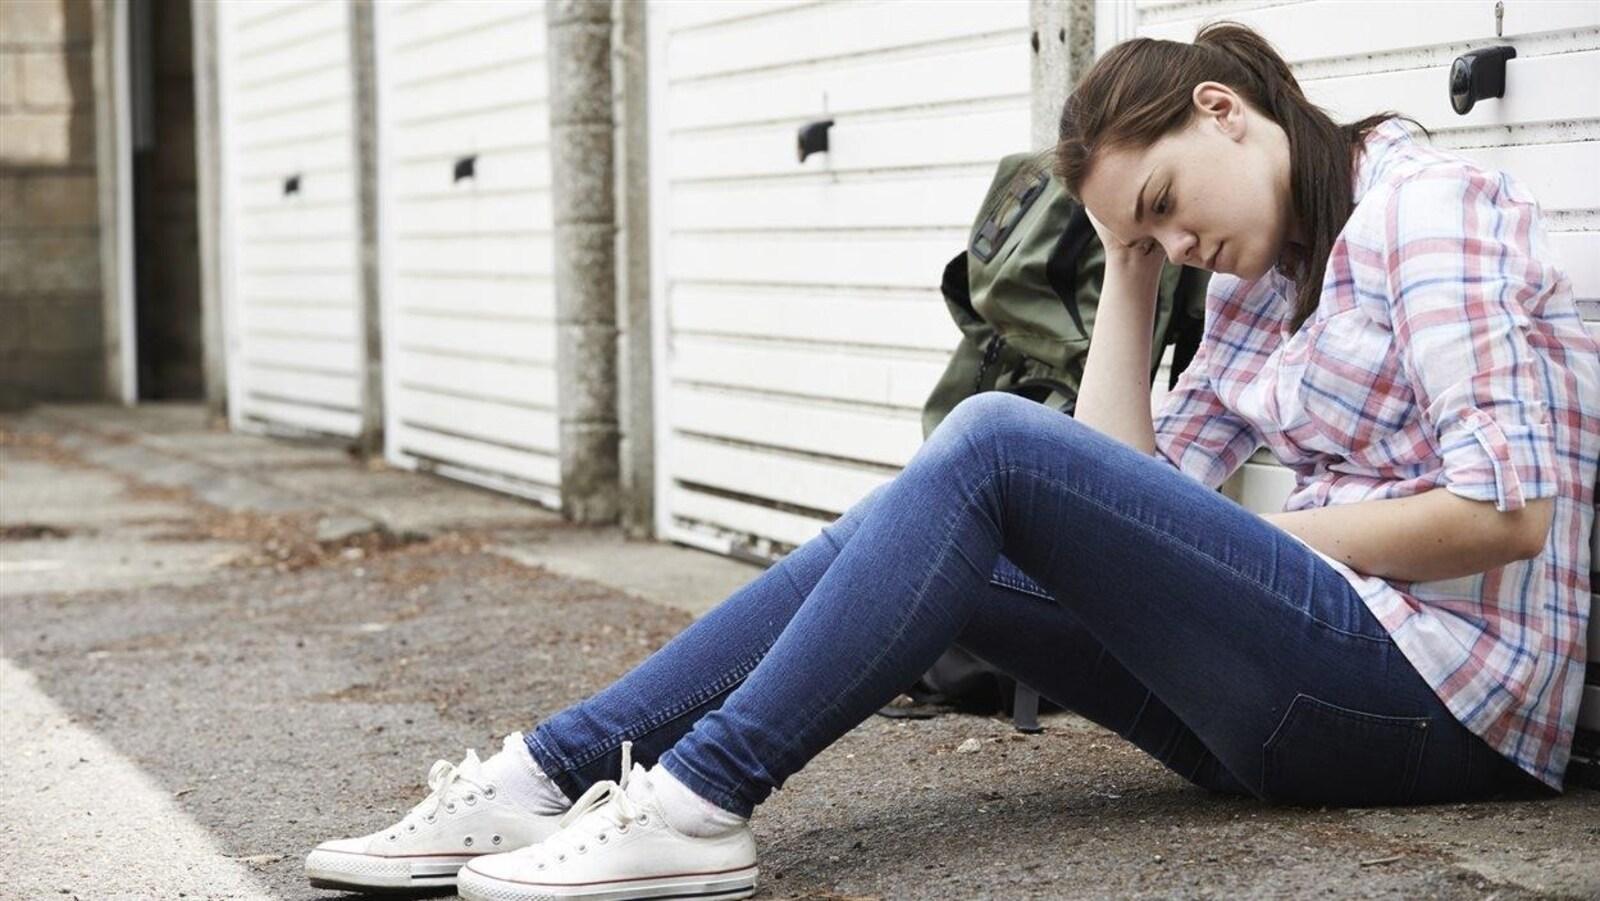 Une jeune fille préoccupée.